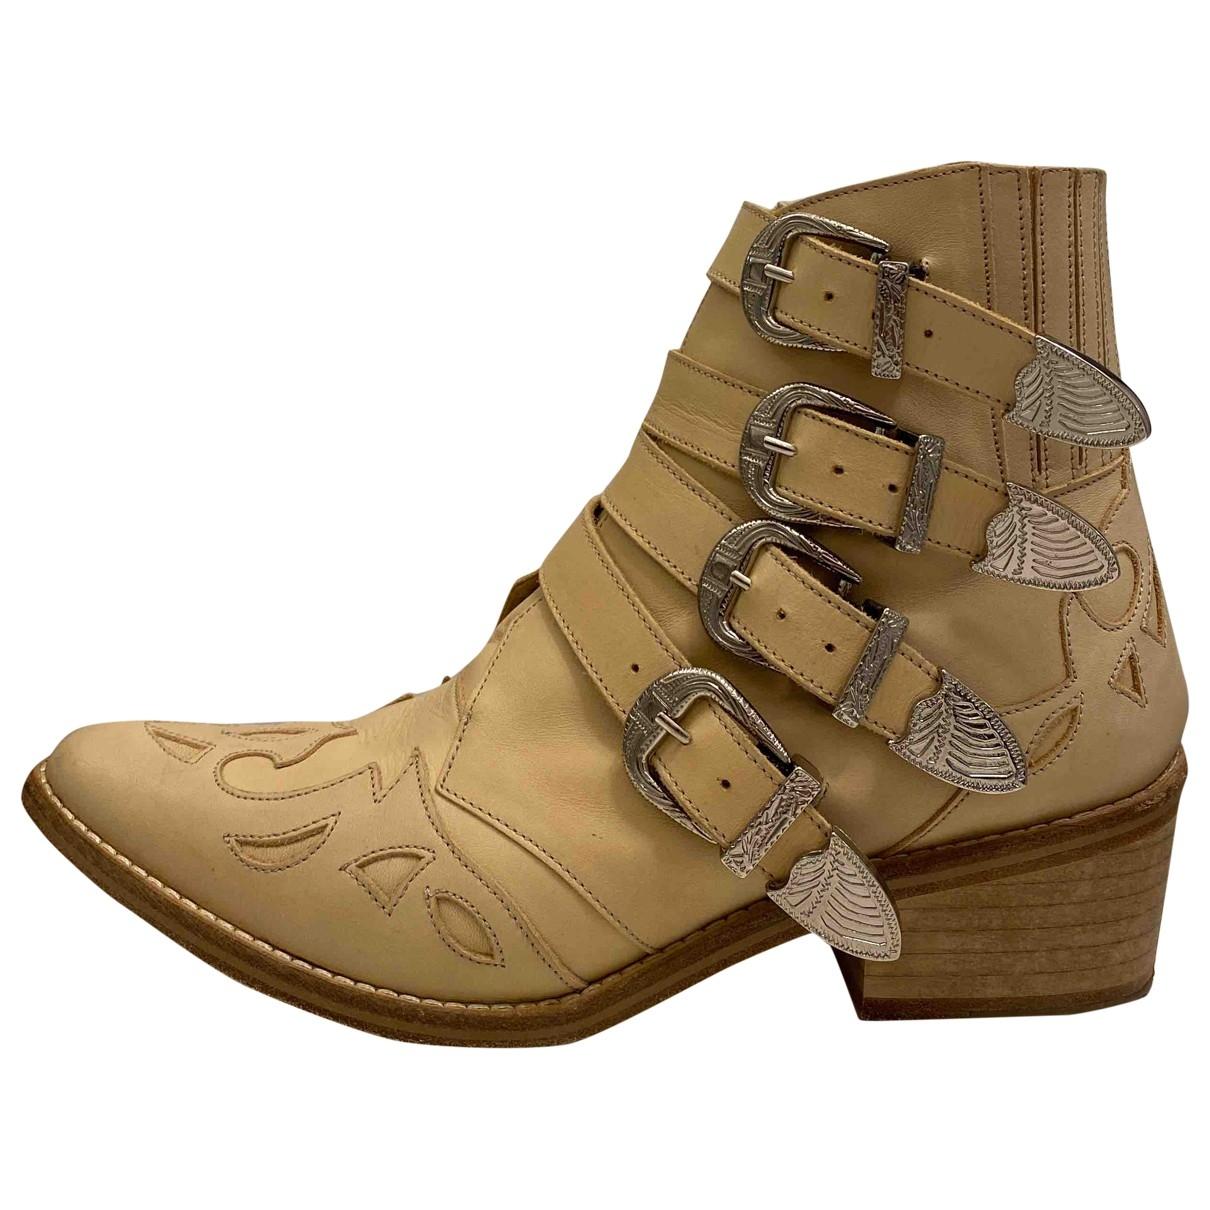 Toga Pulla \N Stiefel in  Beige Leder